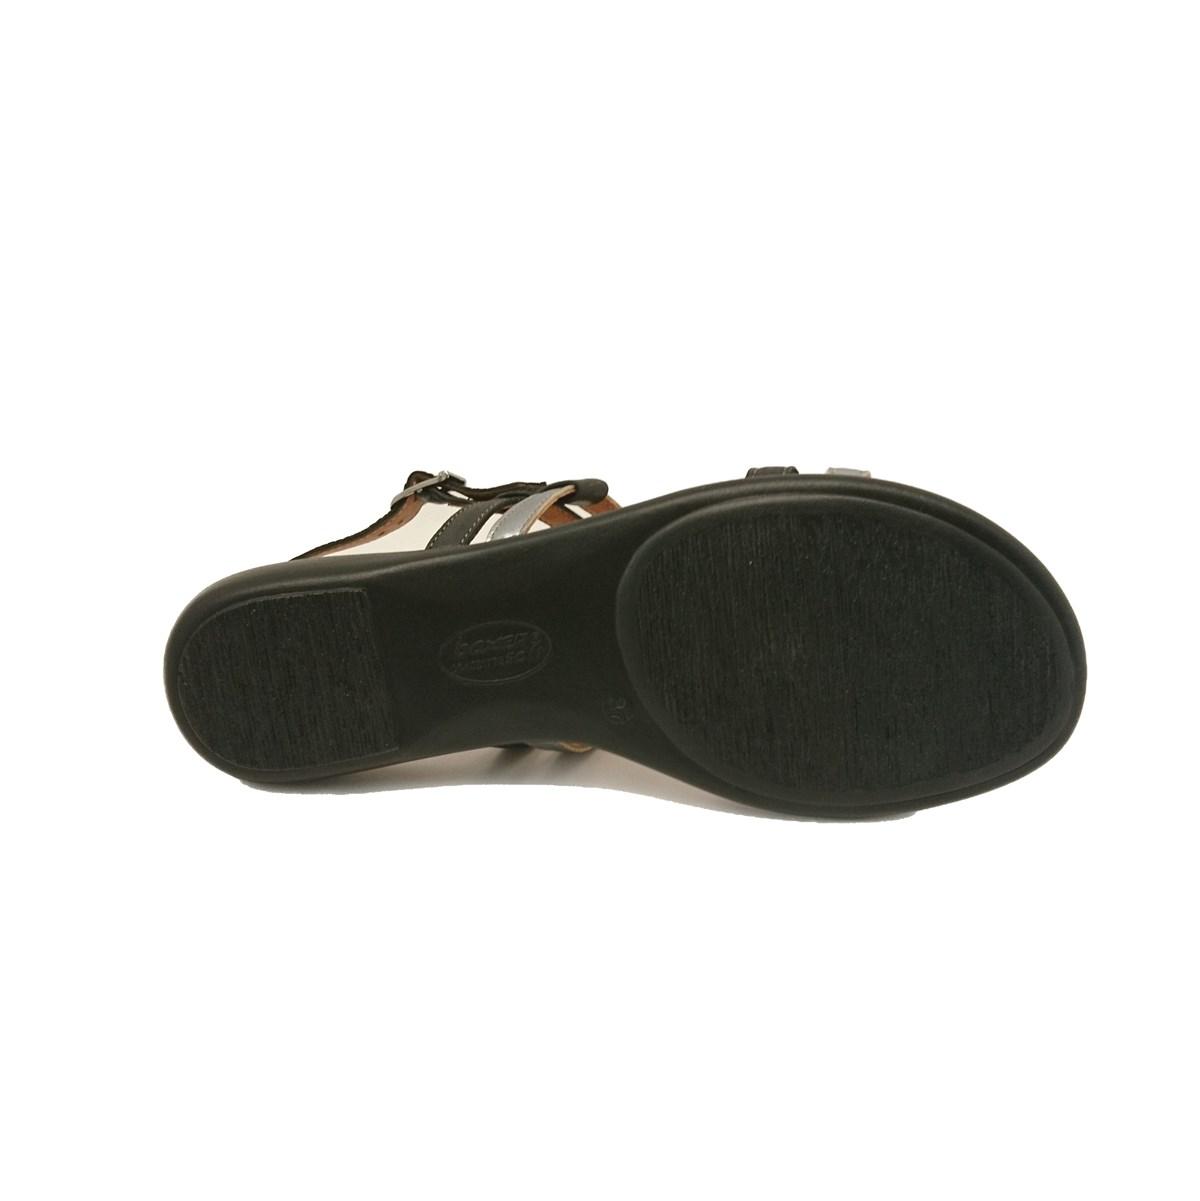 Γυναικεία σανδάλια boxer 82444 17-211 μαύρο δέρμα.